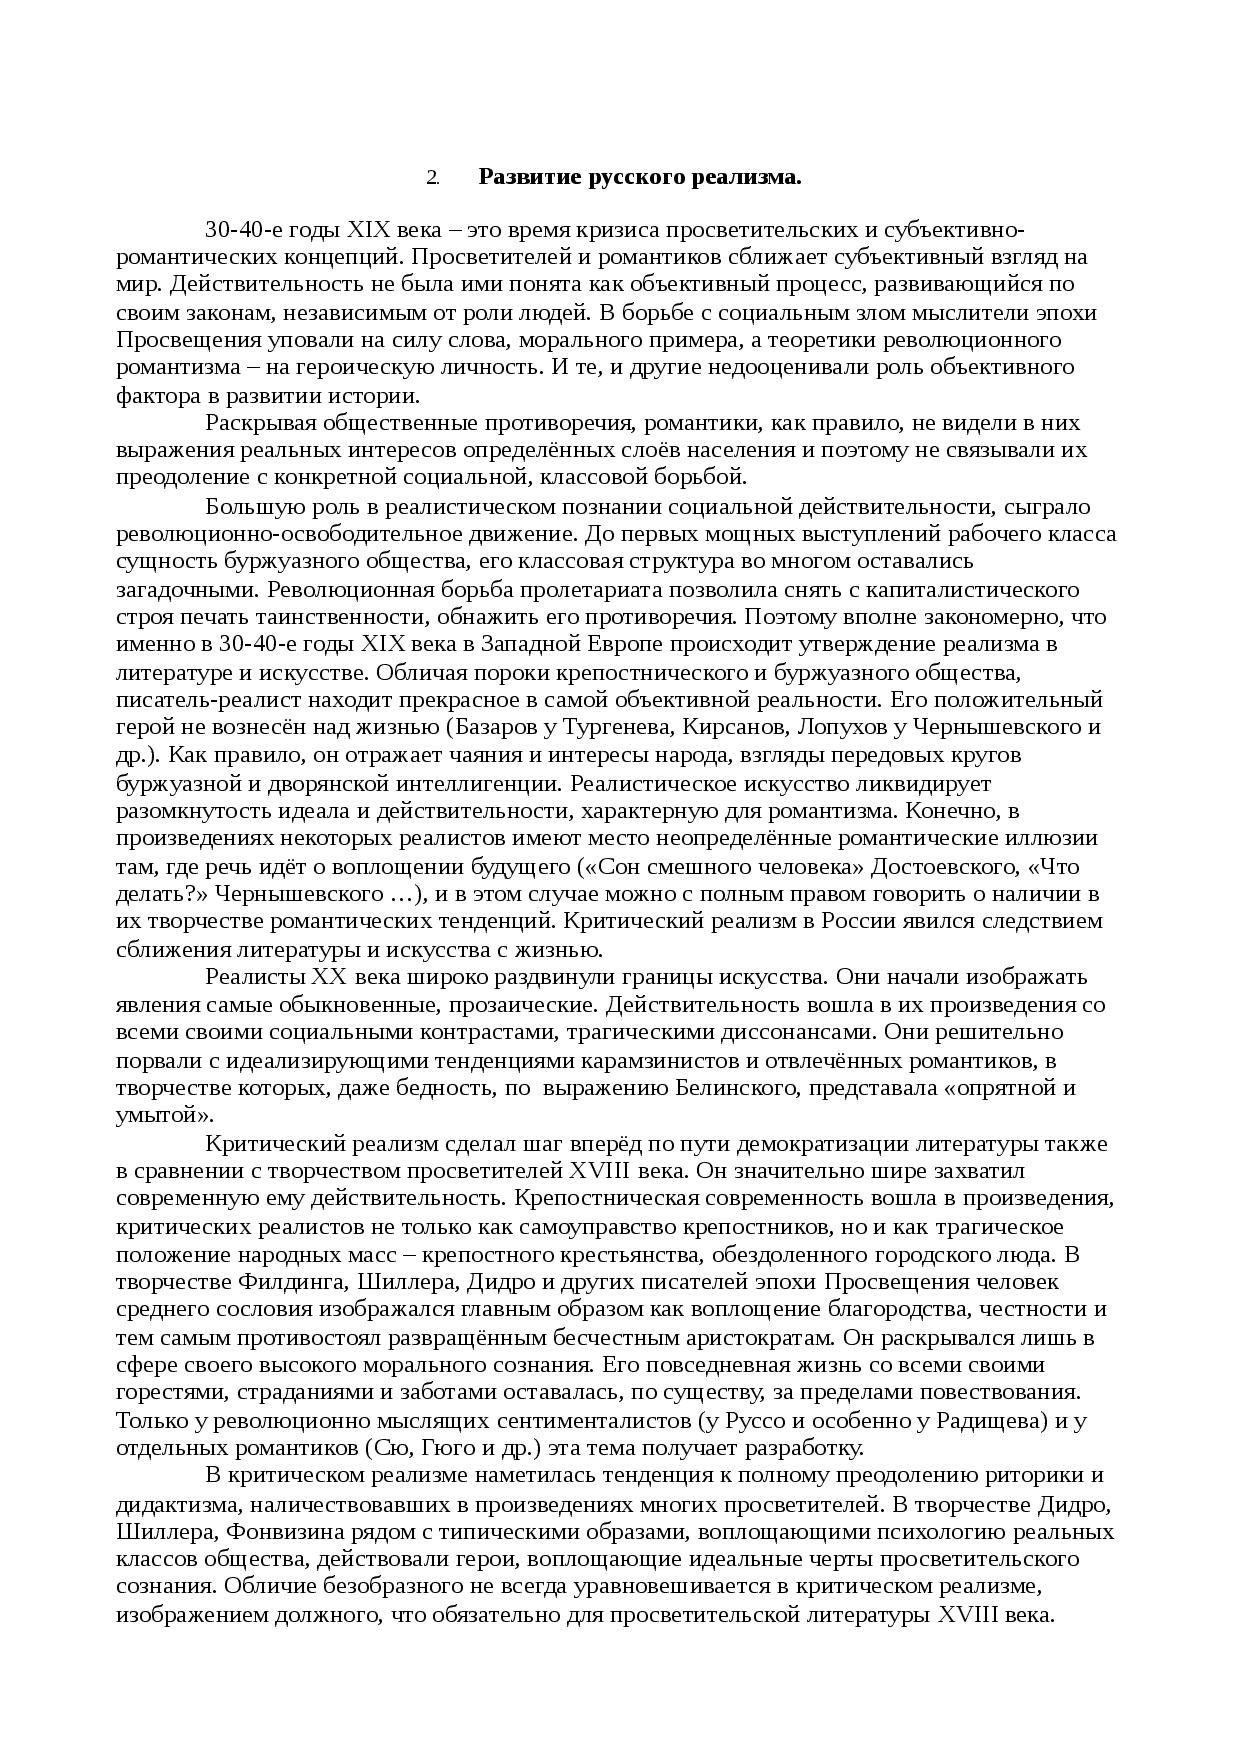 Понятие реализма в философии